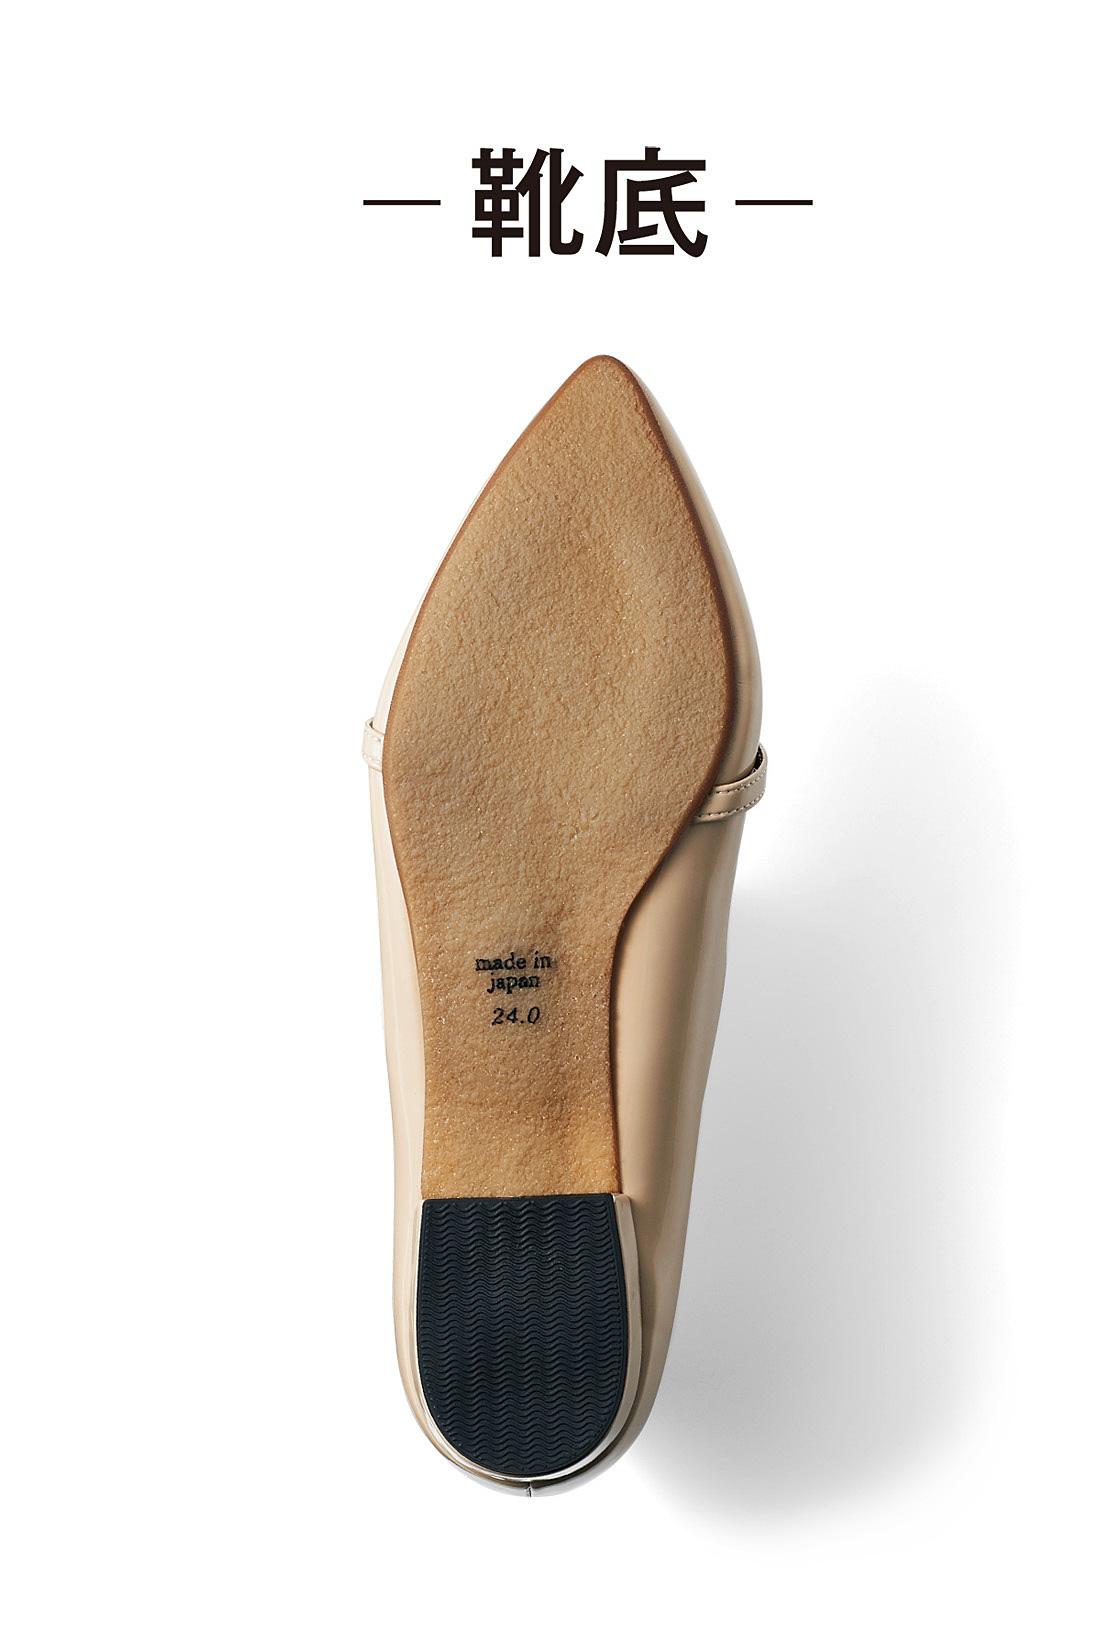 滑りにくい合成ゴムの靴底は歩きやすく、走れそうな快適さ。※お届けするカラーとは異なります。